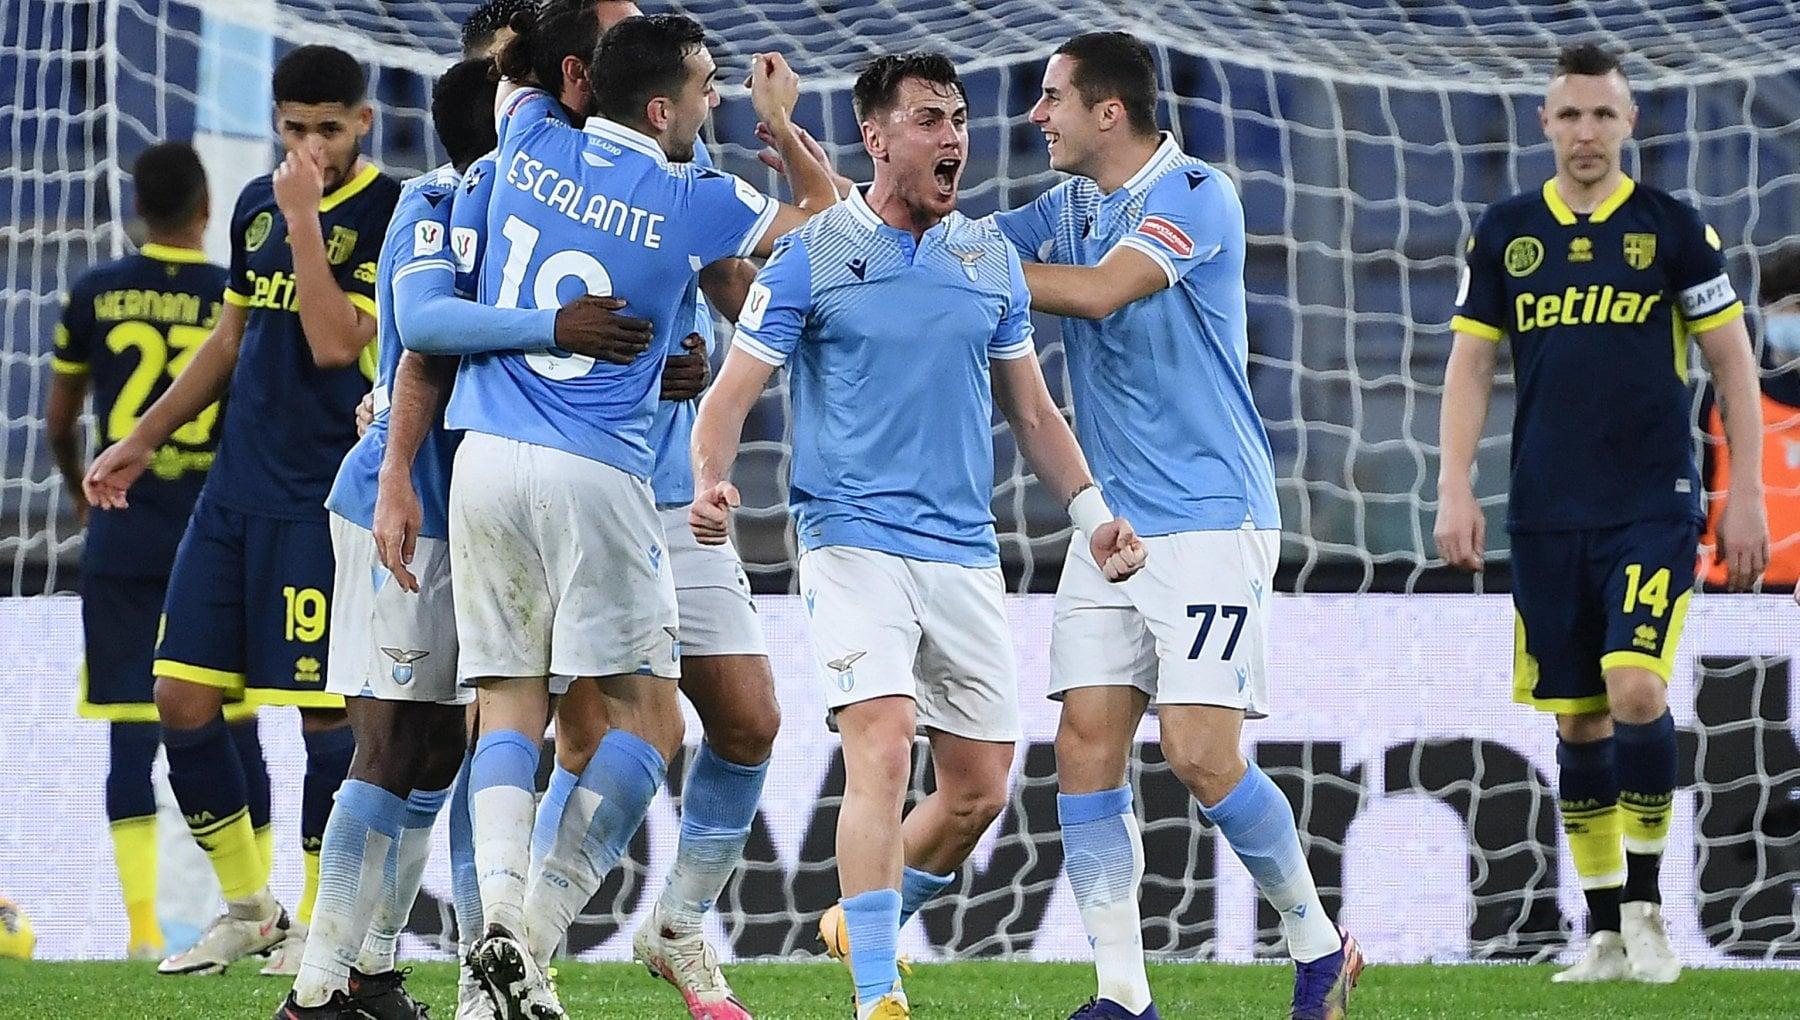 Coppa Italia: Lazio-Parma 2-1, al 90' i biancocelesti si guadagnano l'Atalanta